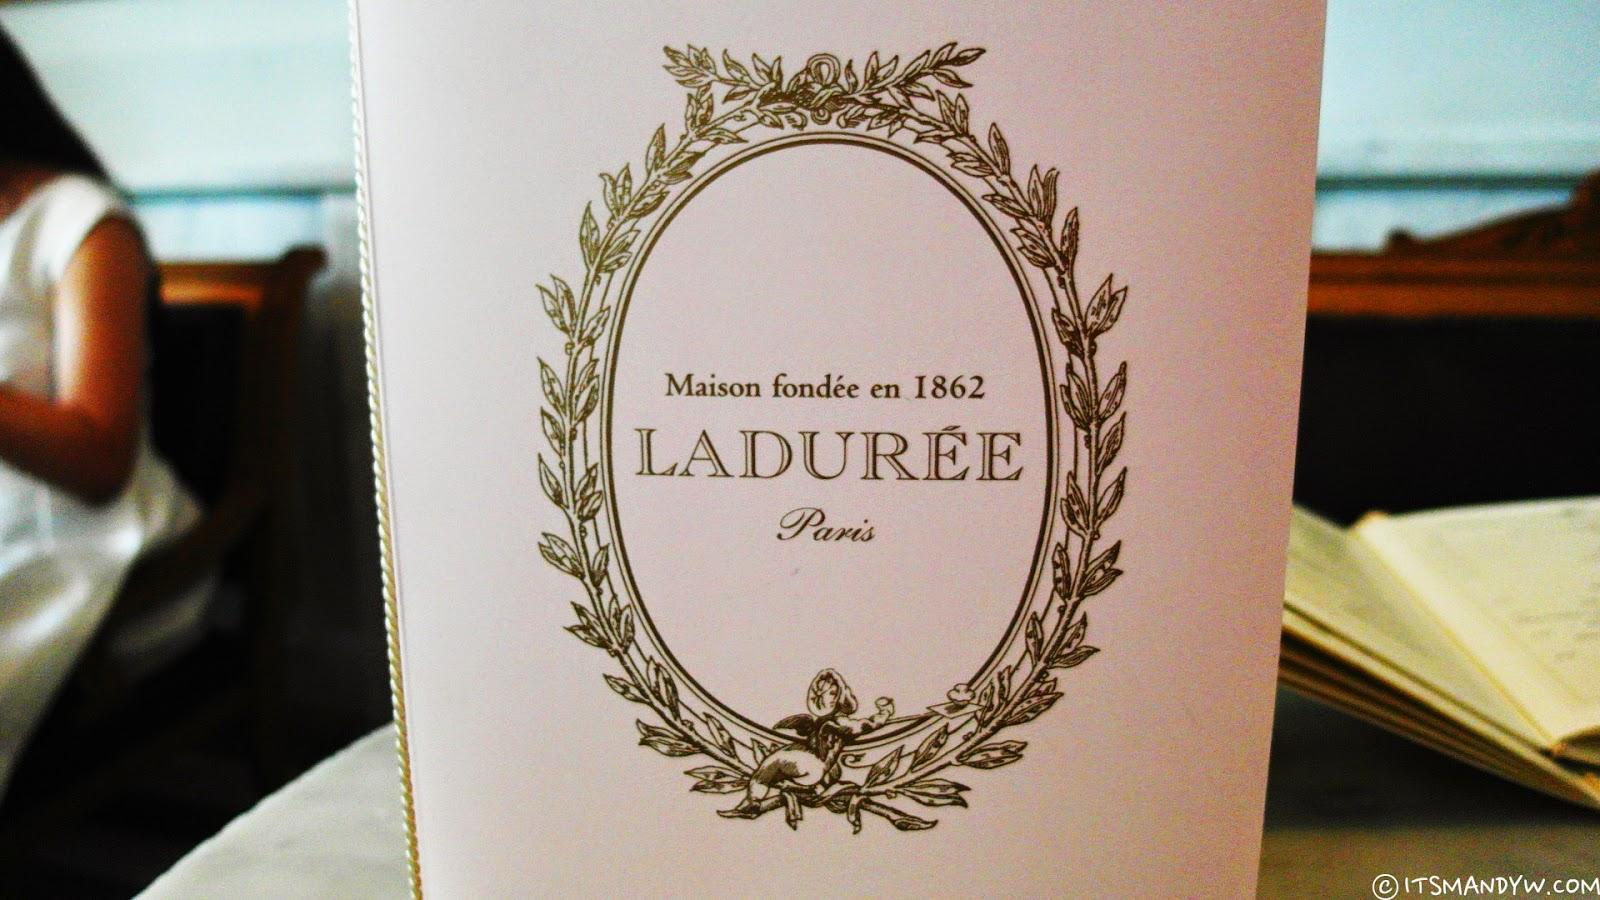 Laduree Harrods